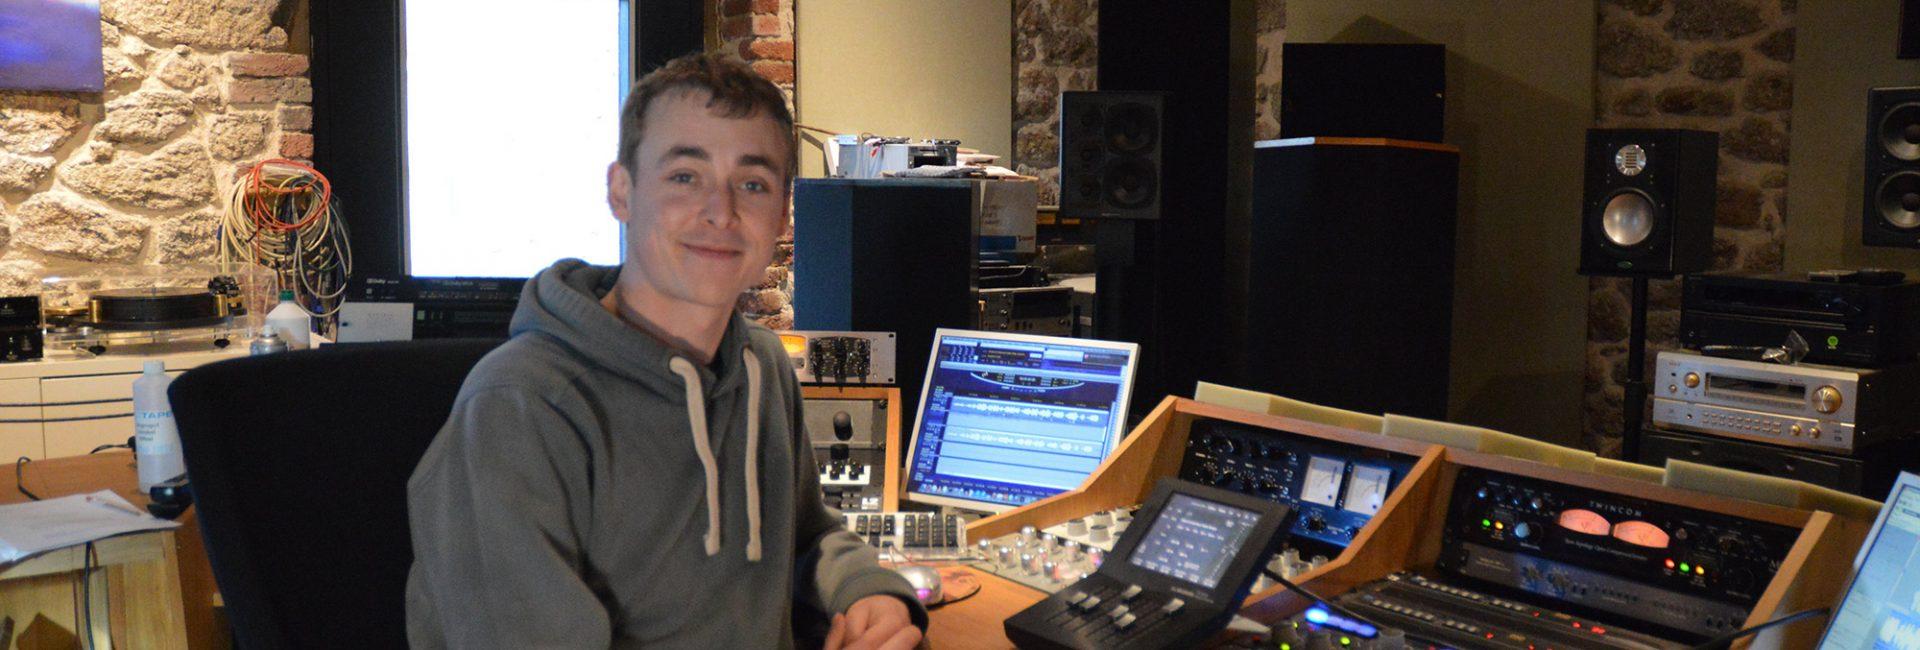 Bill Sellar, Mastering engineer at Super Audio Mastering